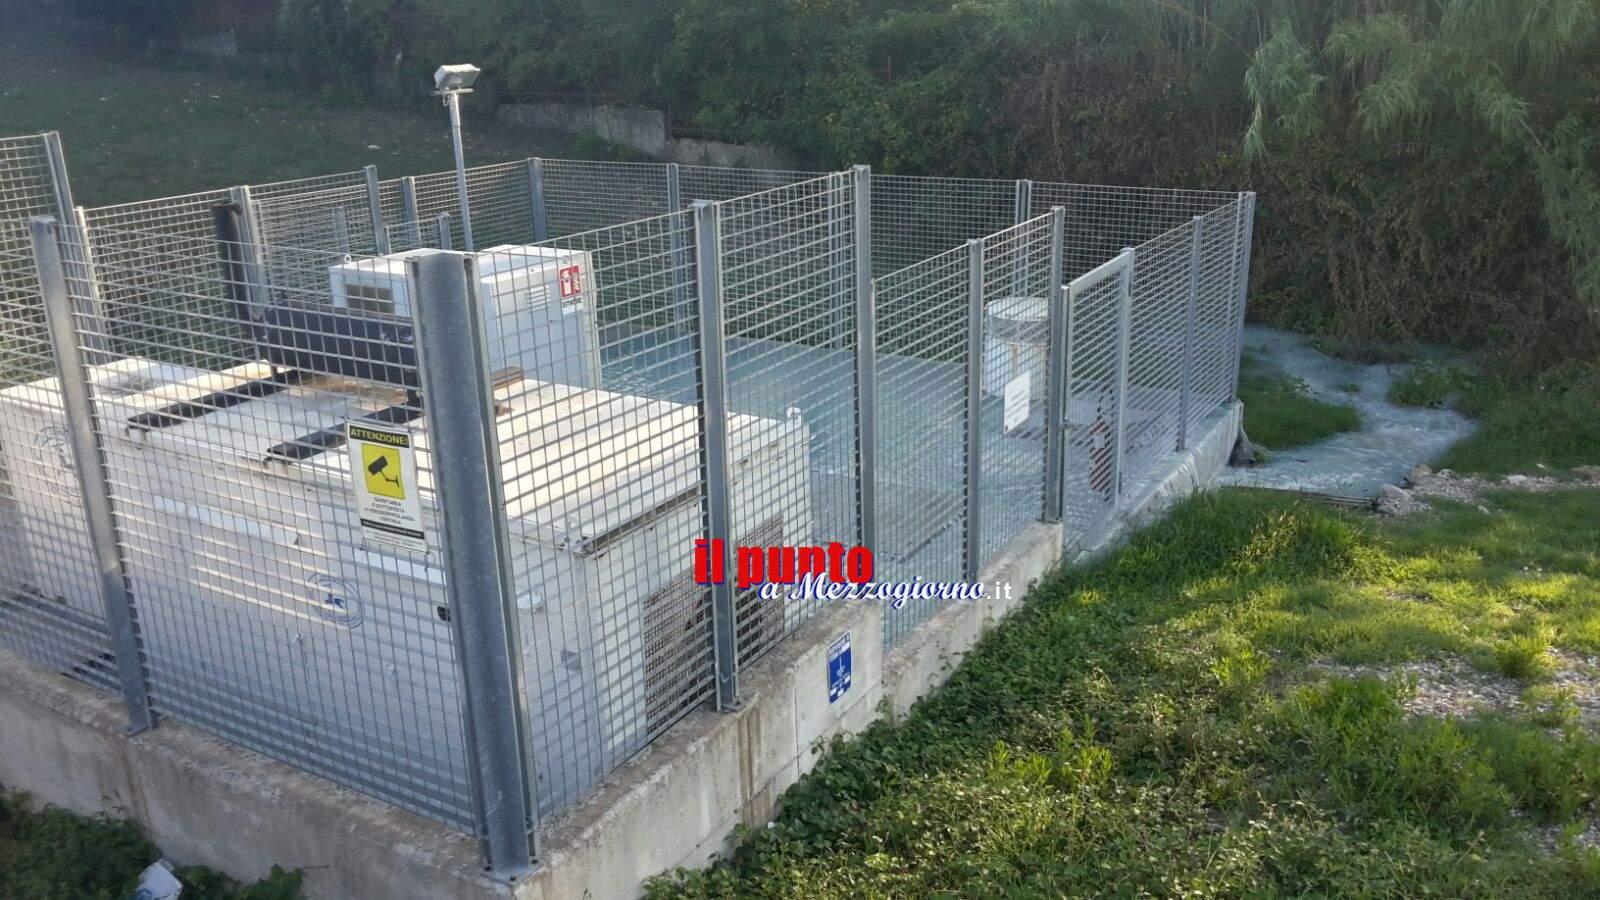 D'Alessandro emana ordinanza per consentire efficace manutenzione su impianto sollevamento is3